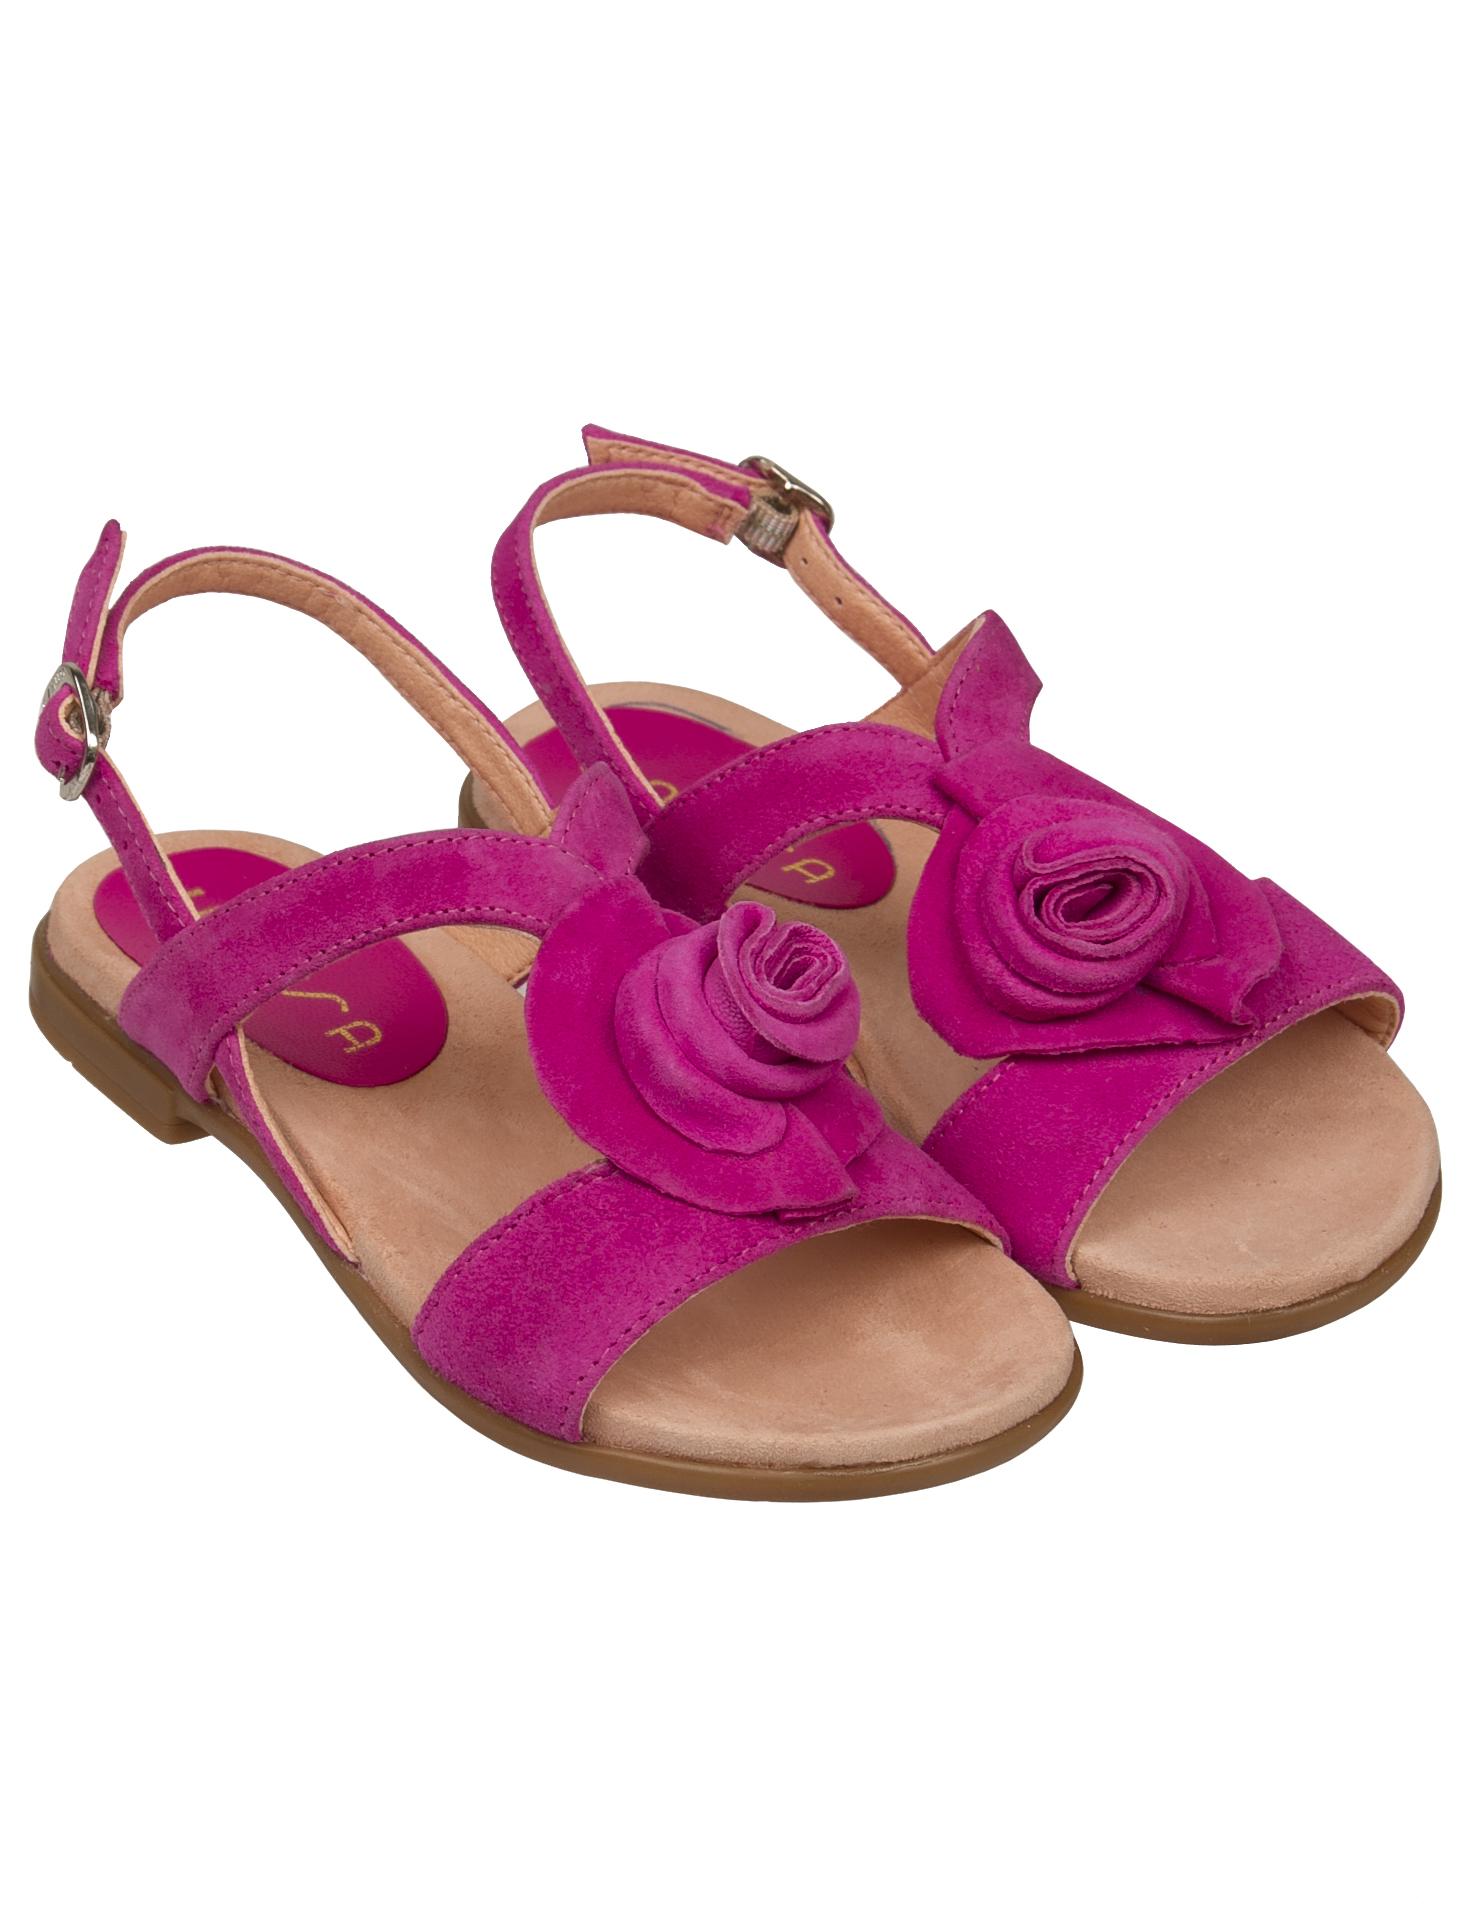 Купить 1923101, Босоножки UNISA, розовый, Женский, 2162609870175